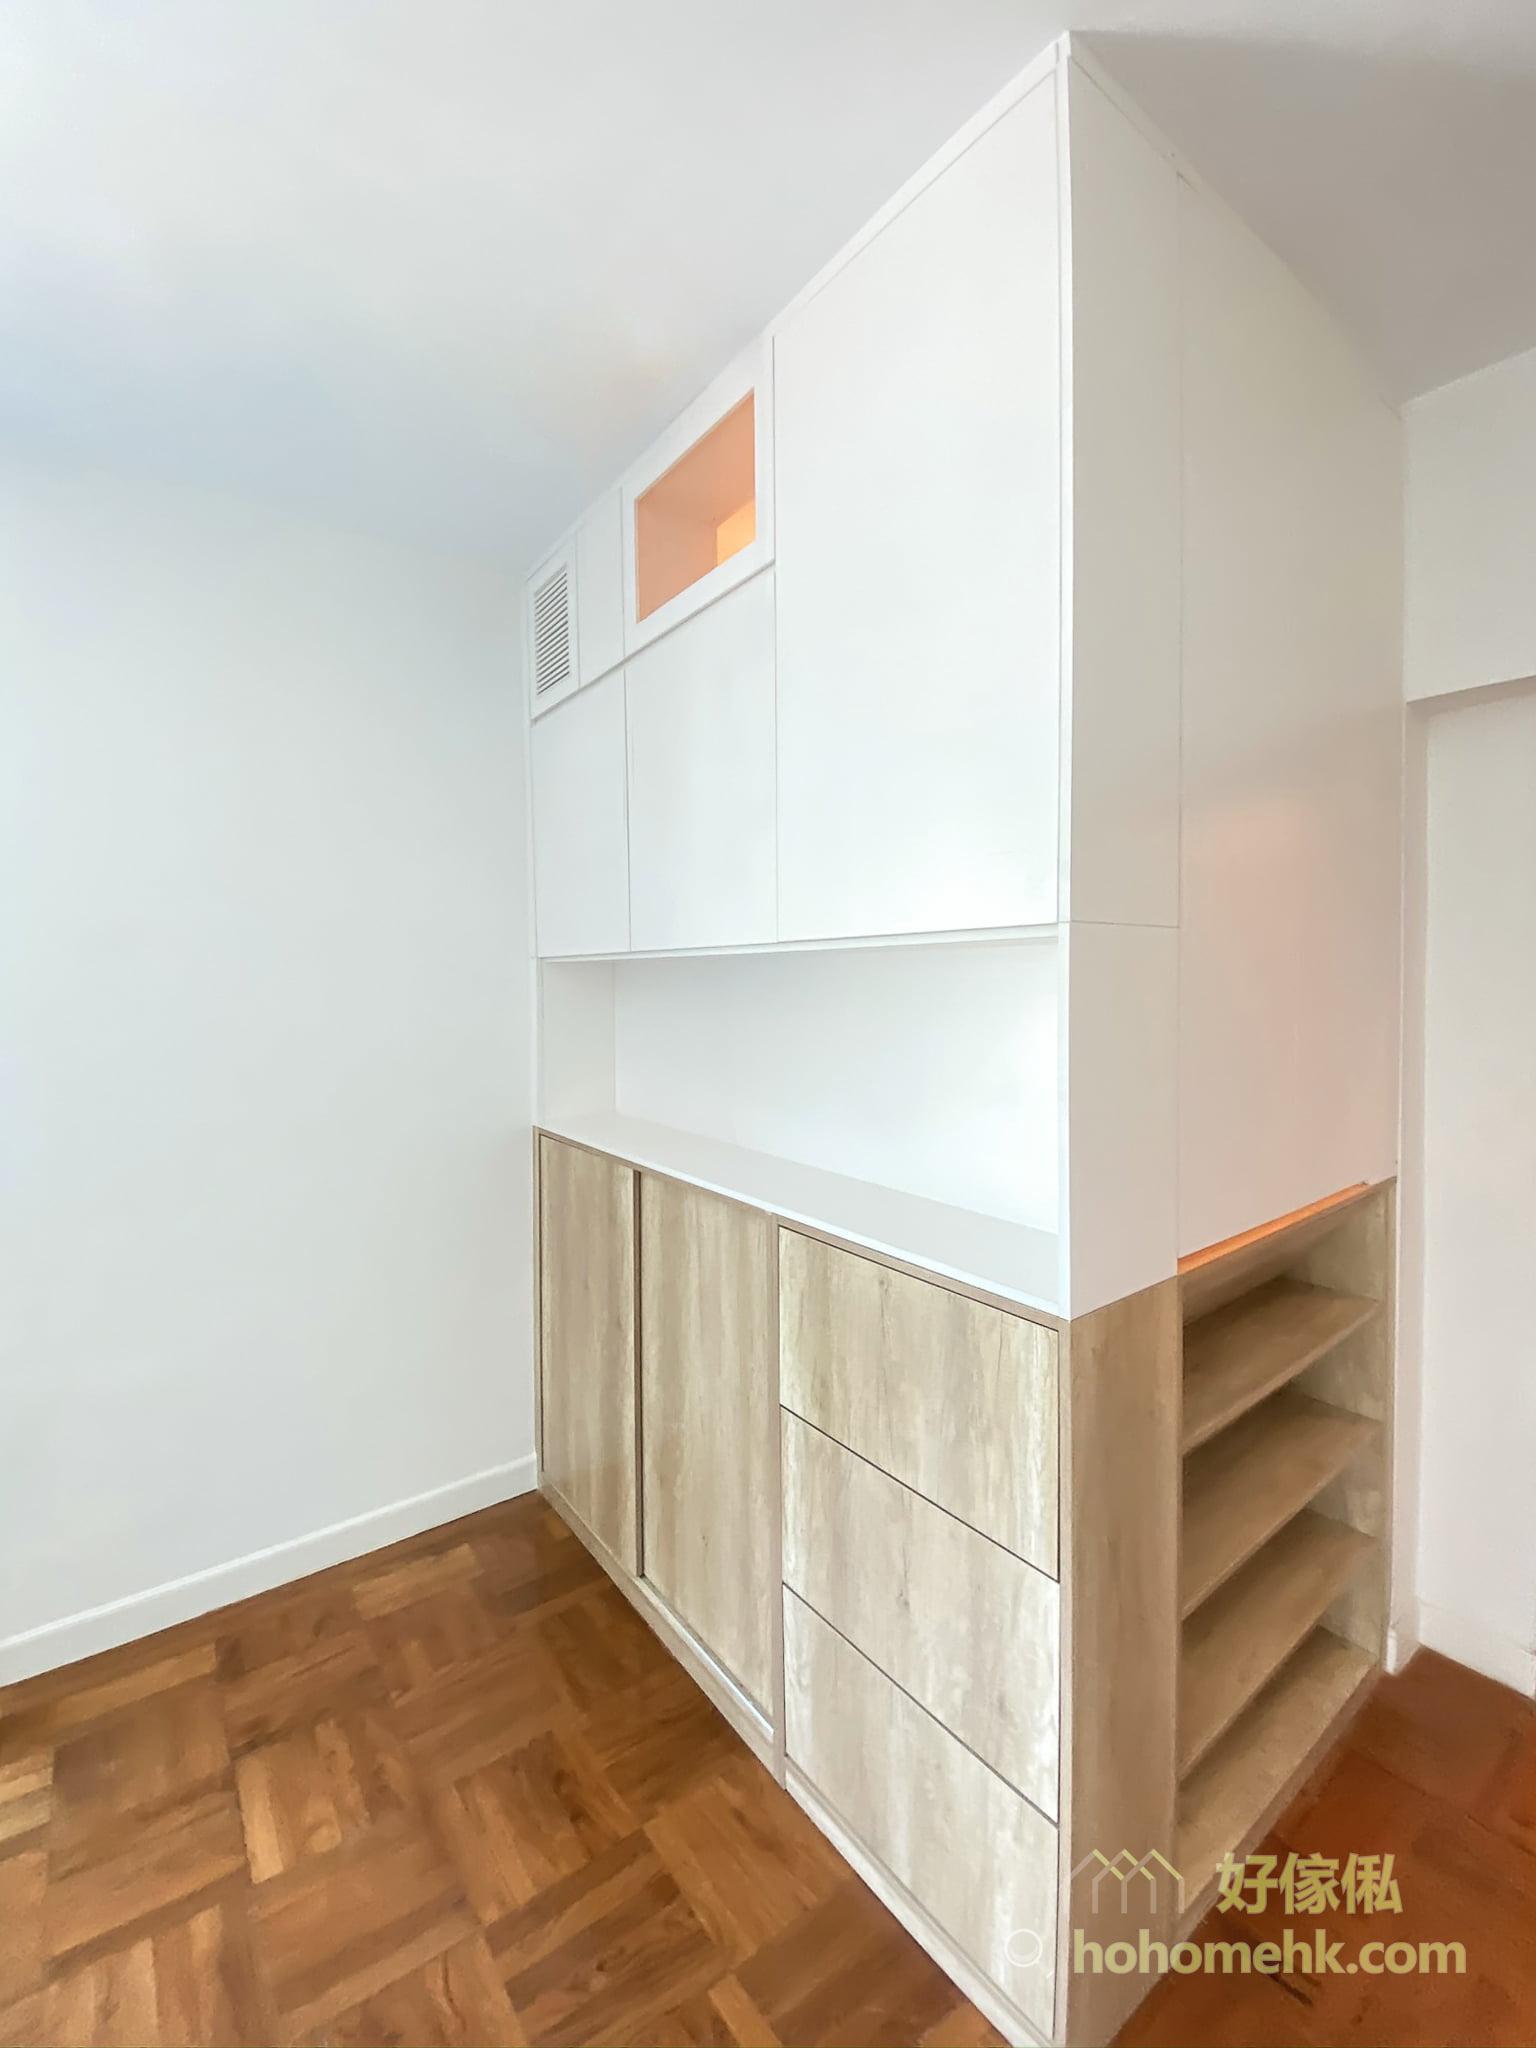 客廳櫃連工人房, 提供大量儲物空間